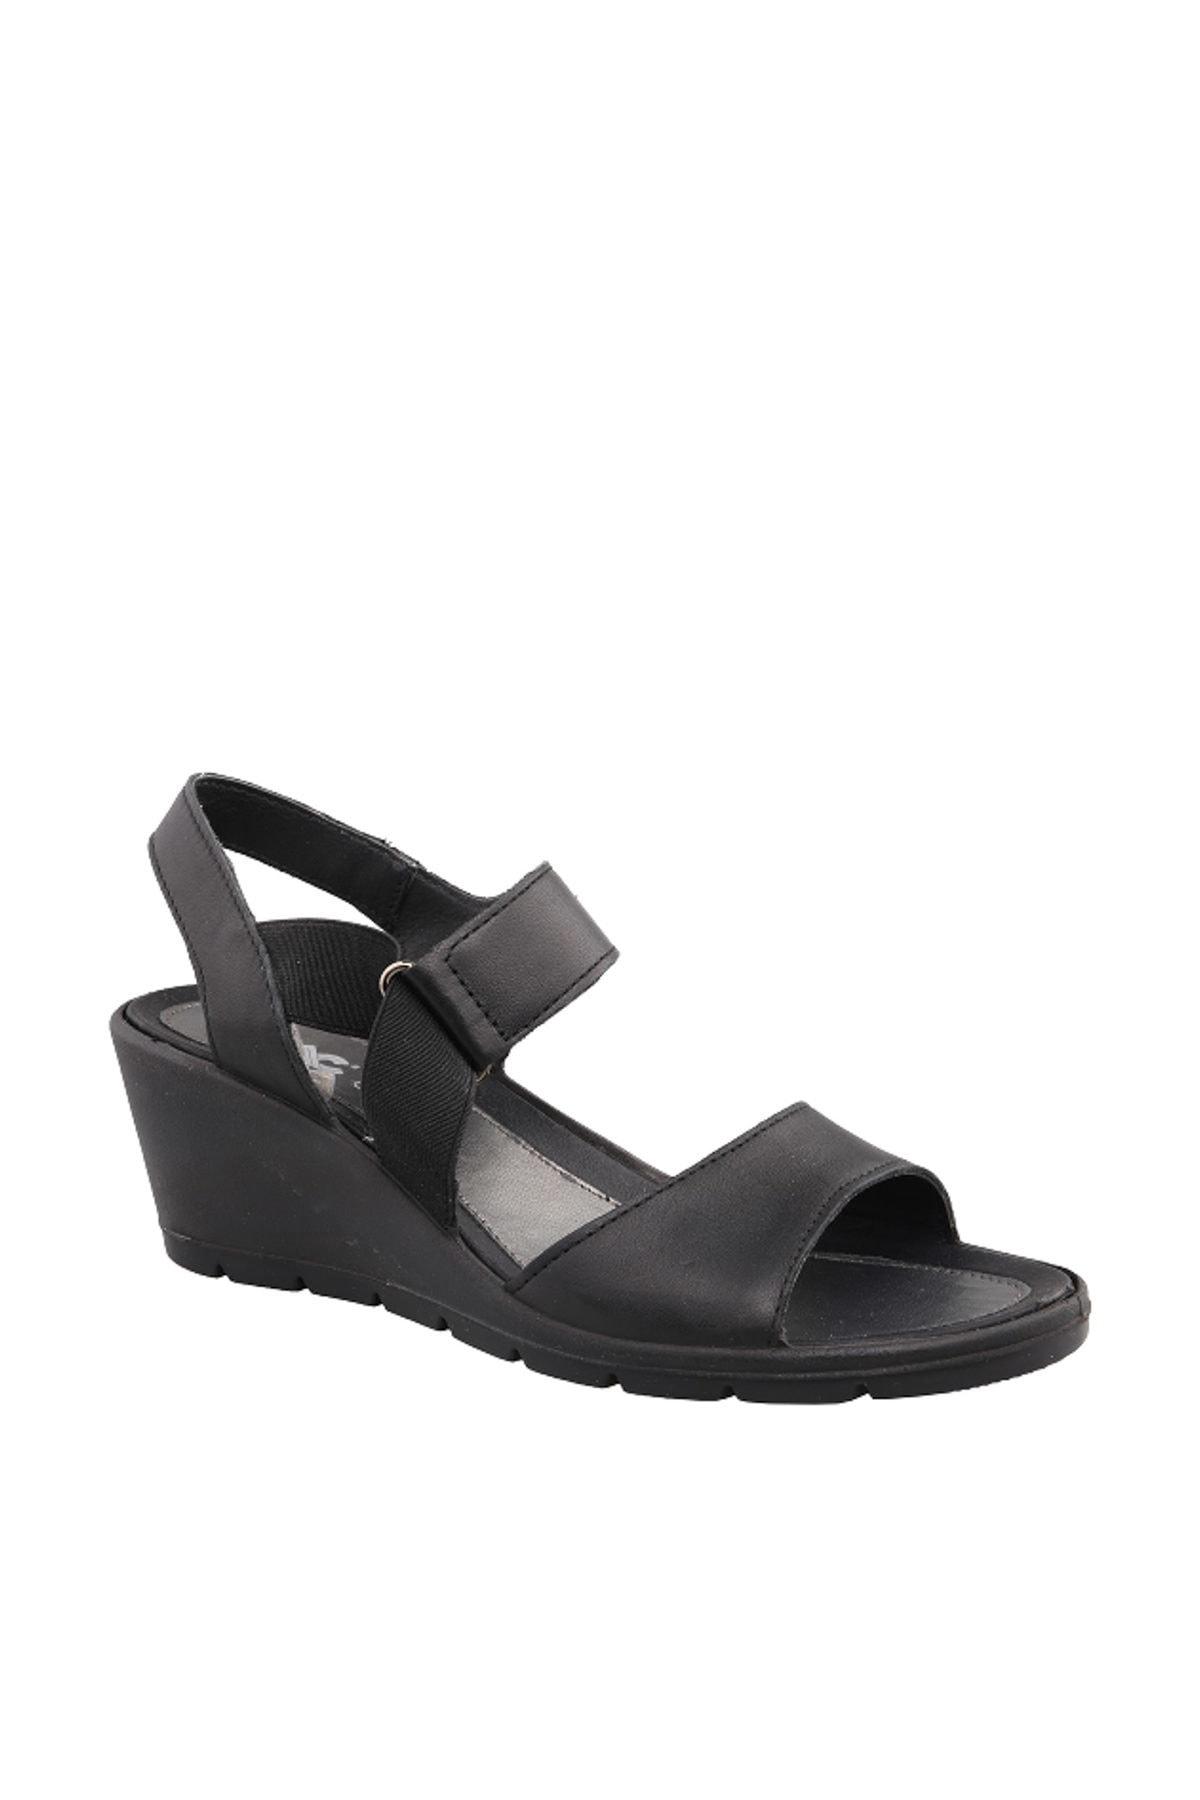 İmac Kadın Sandalet 72500 2